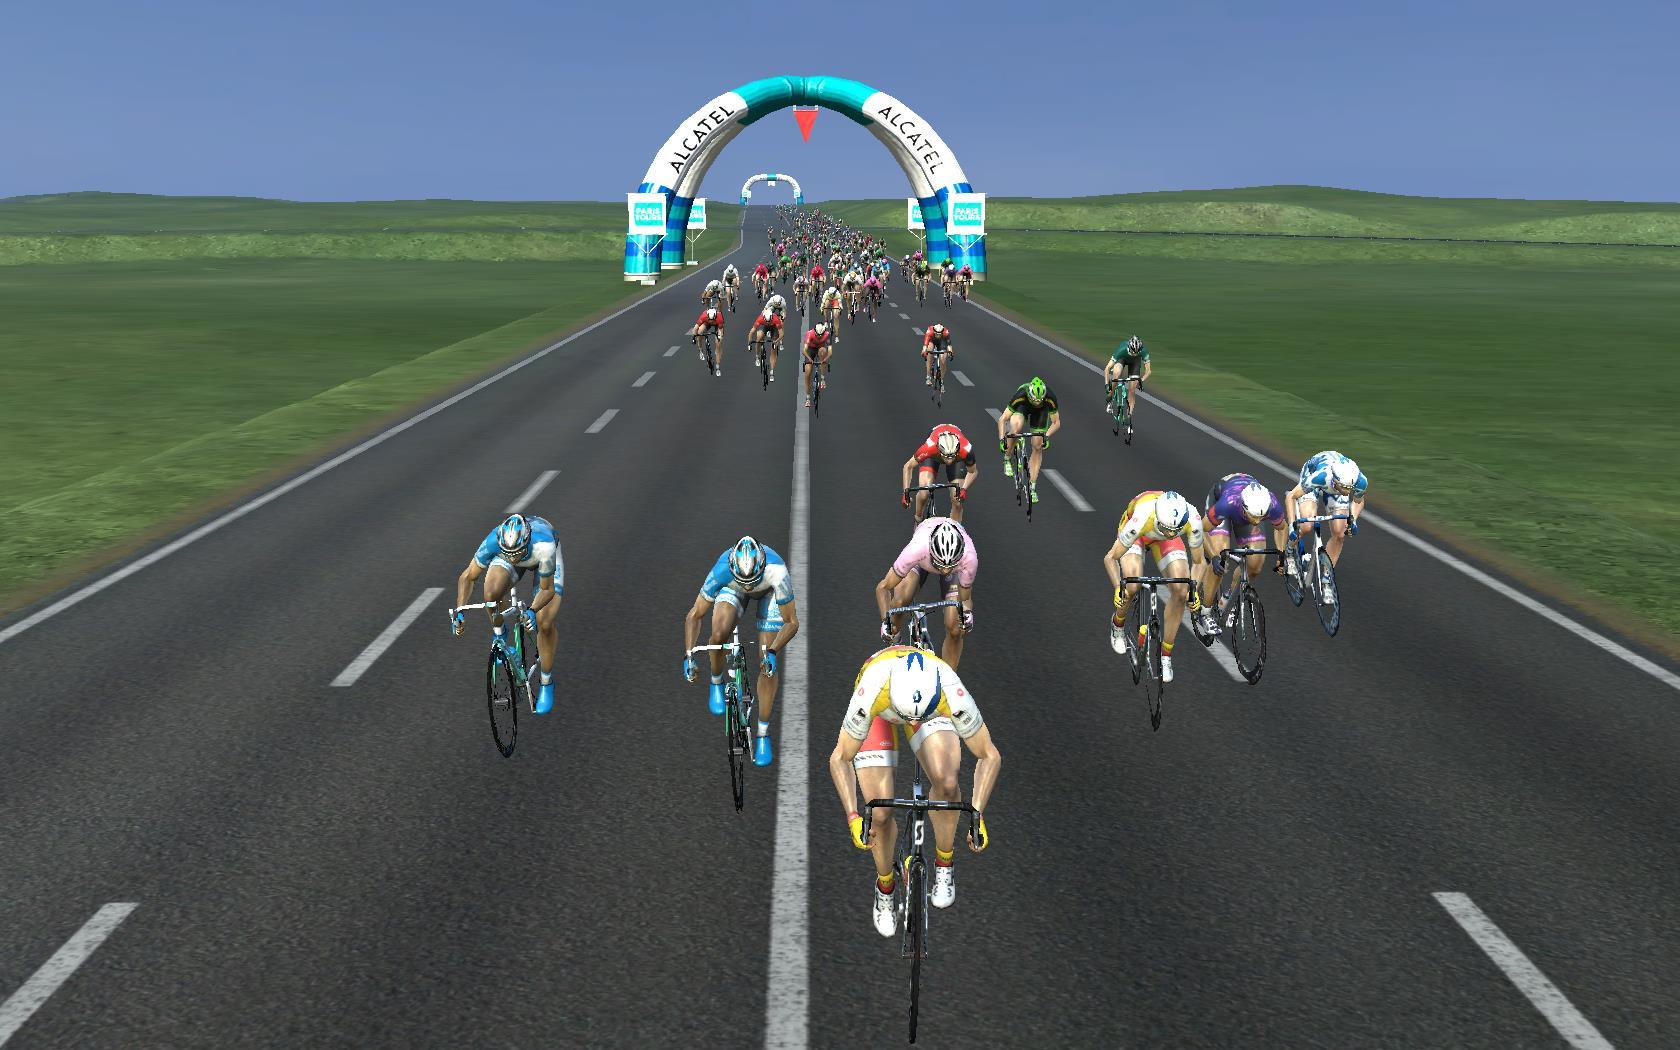 pcmdaily.com/images/mg/2018/Races/C2HC/ParisTours/PCM0019.jpg